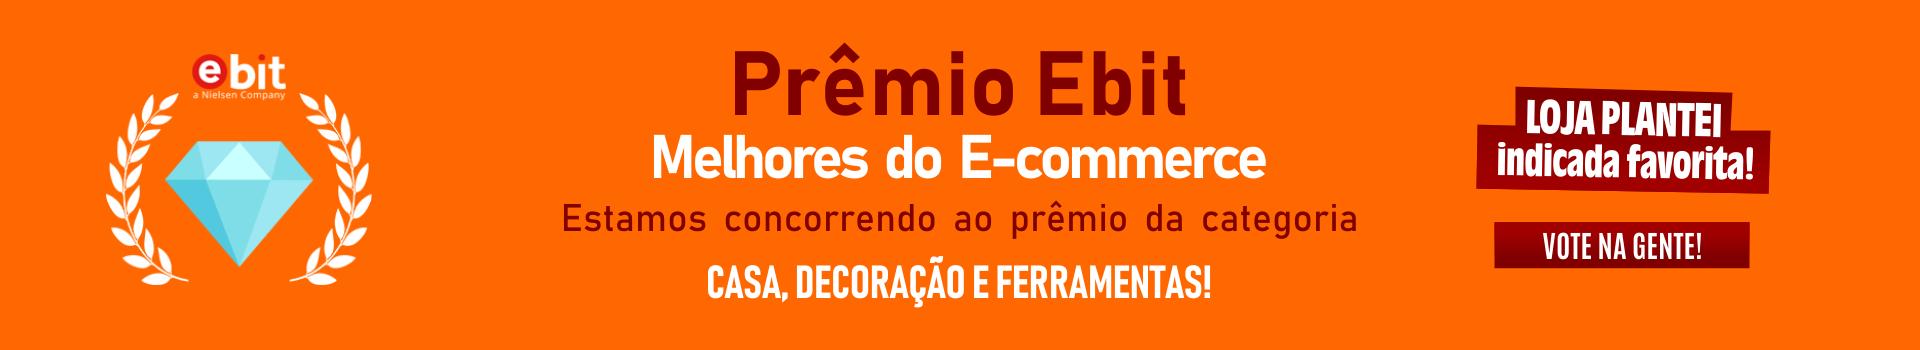 prêmio ebit 2019